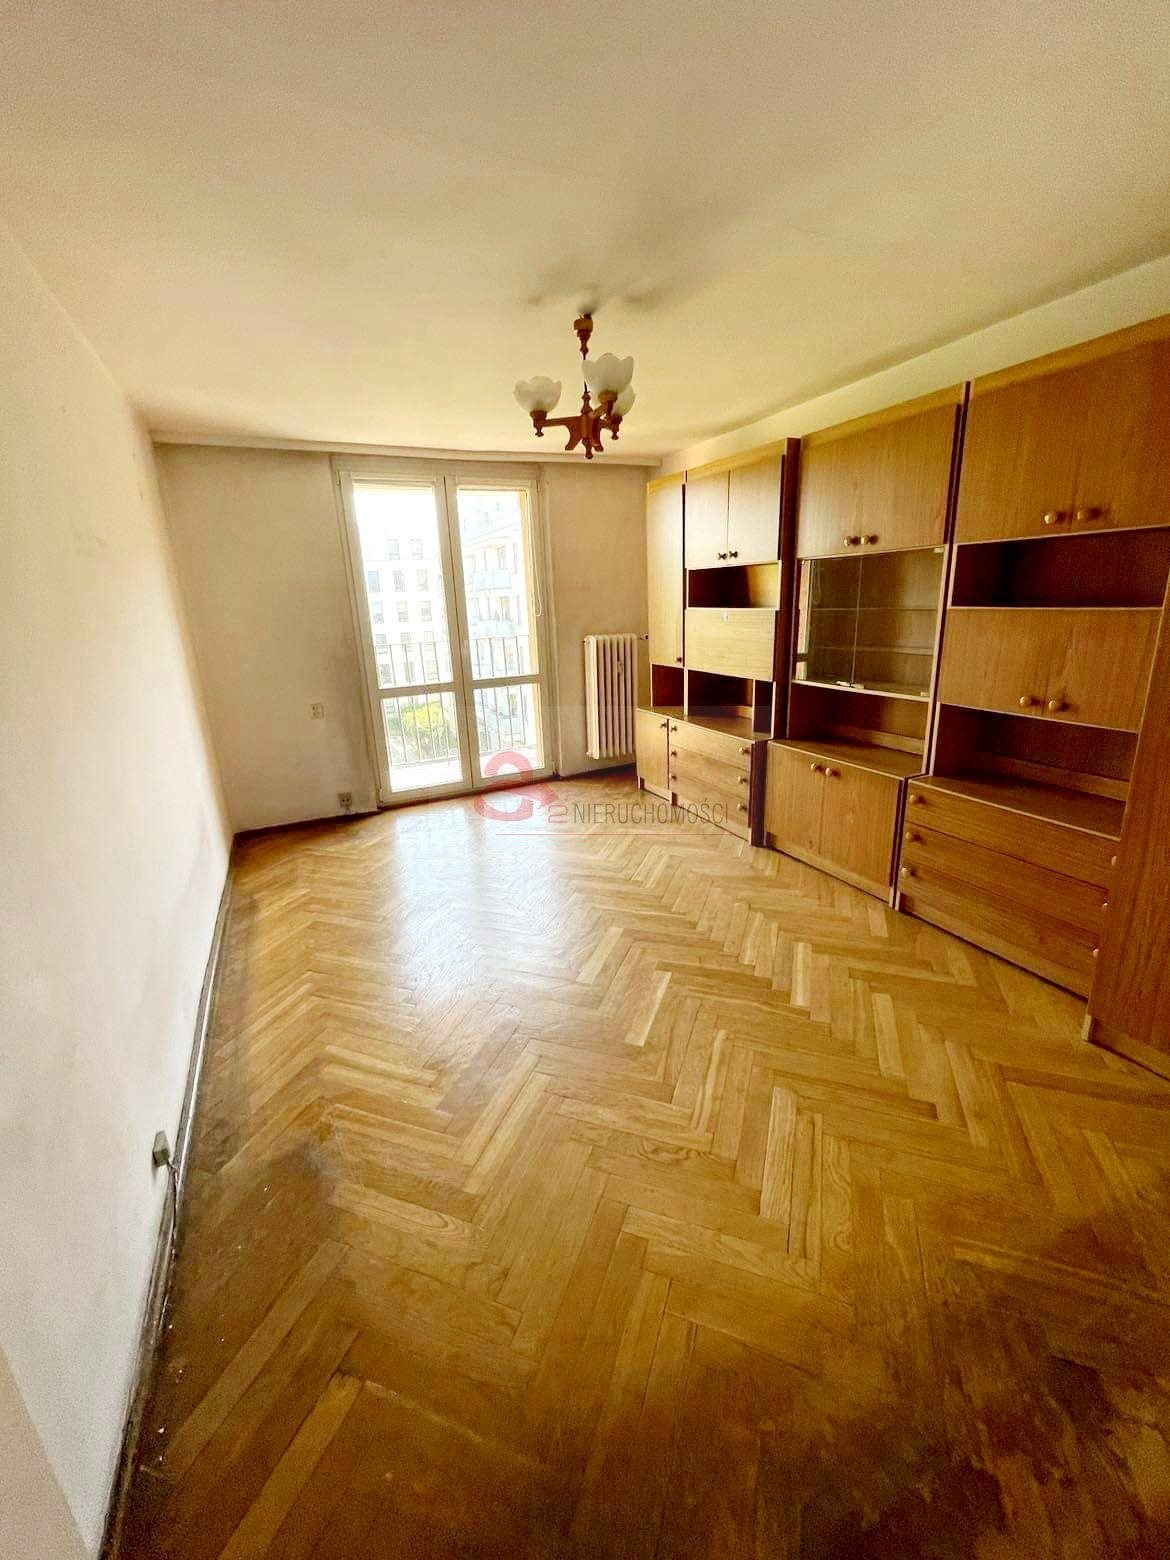 Mieszkanie dwupokojowe na sprzedaż Poznań, Poznań-Stare Miasto, Stare Miasto, Kazimierza Wielkiego  42m2 Foto 5